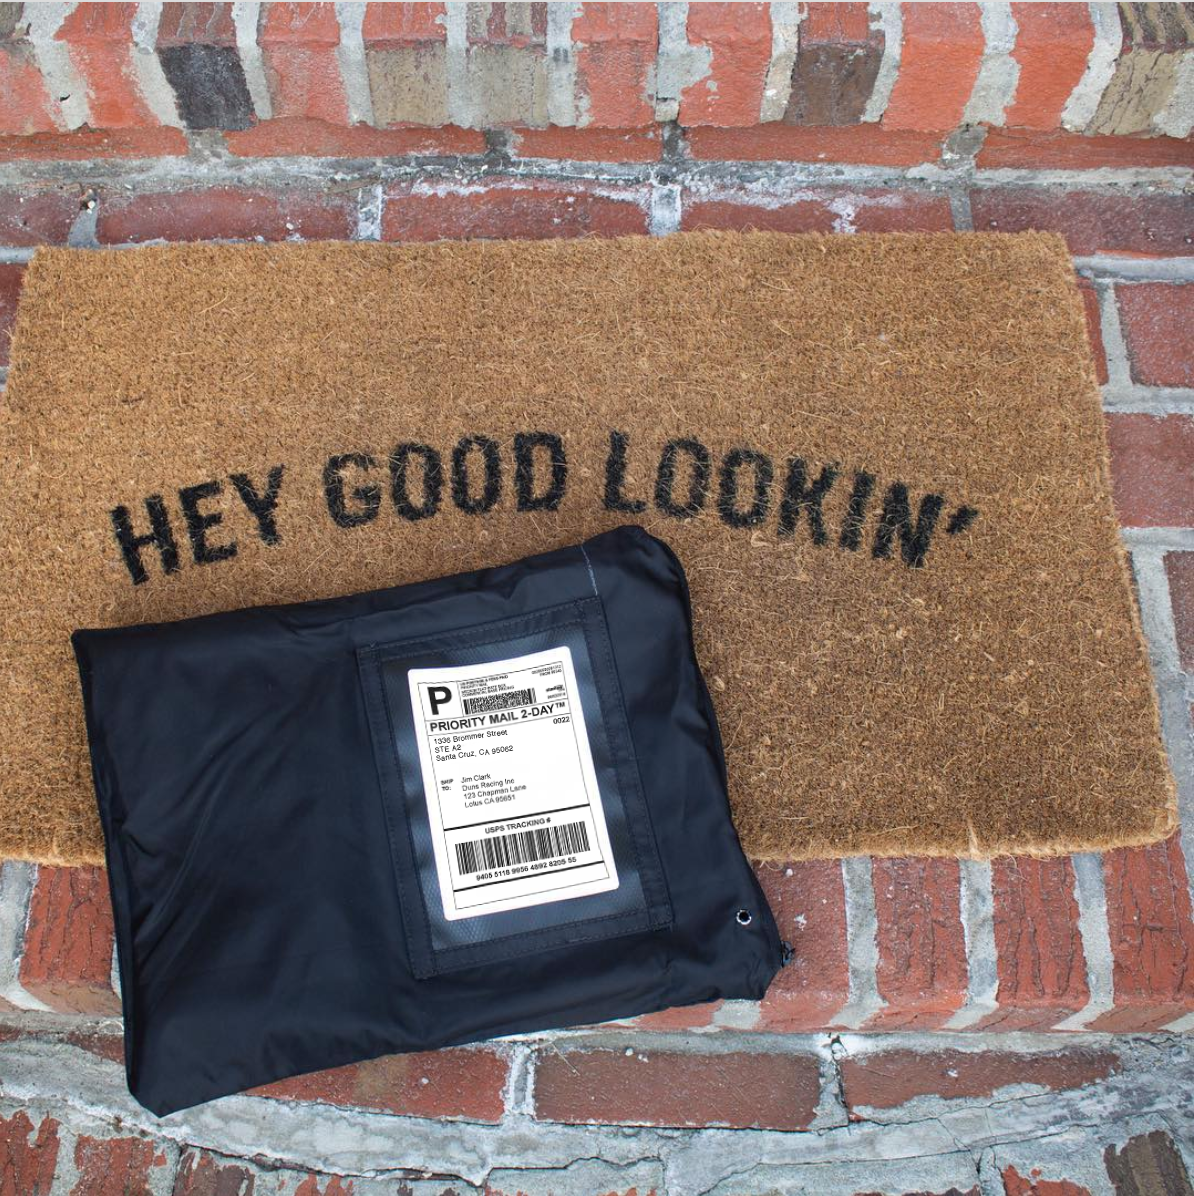 Returnity mailer on door step